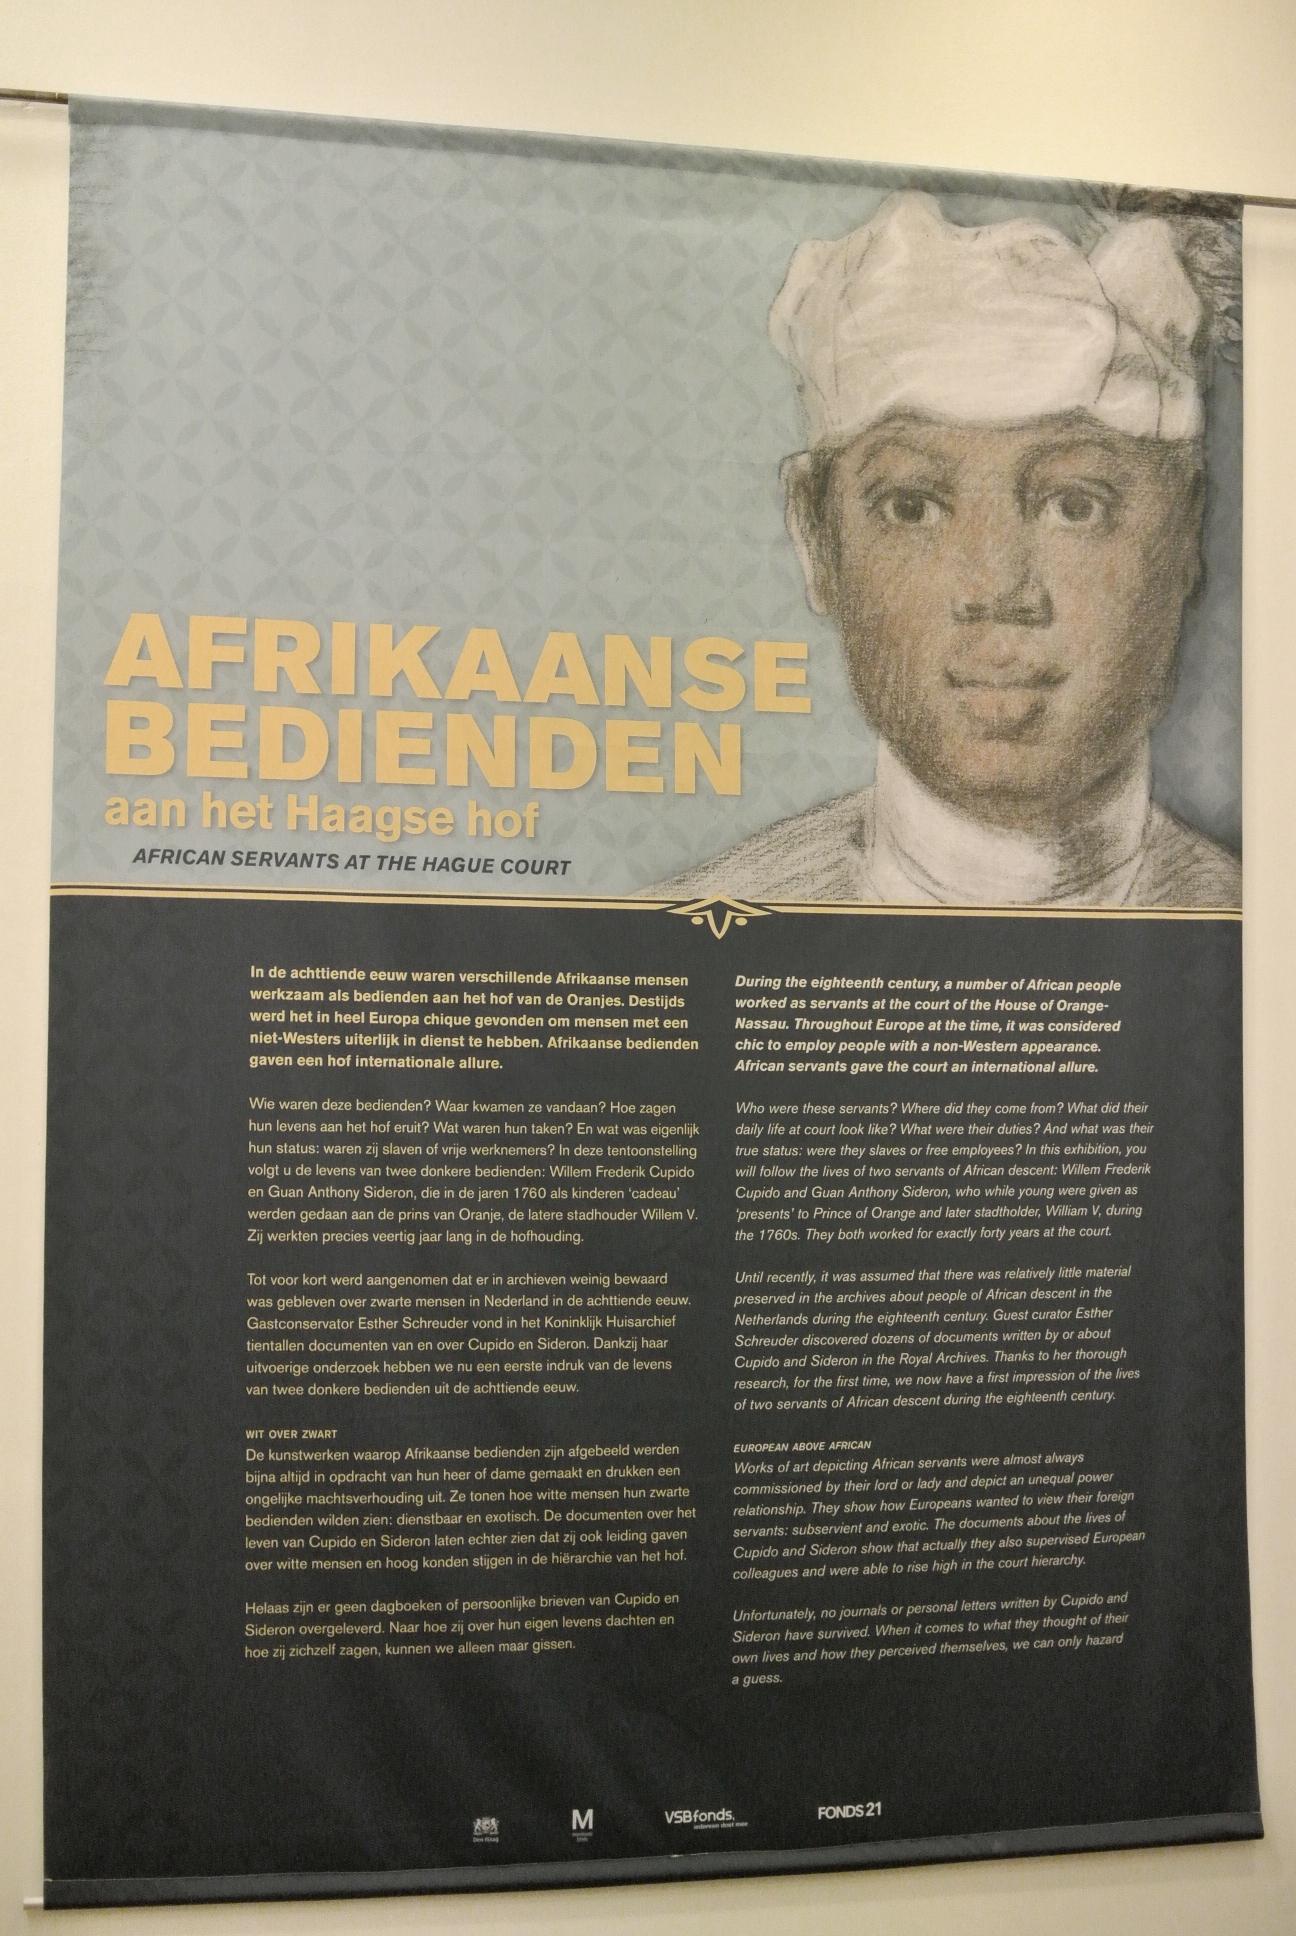 Afrikaanse bedienden aan het Haagse Hof